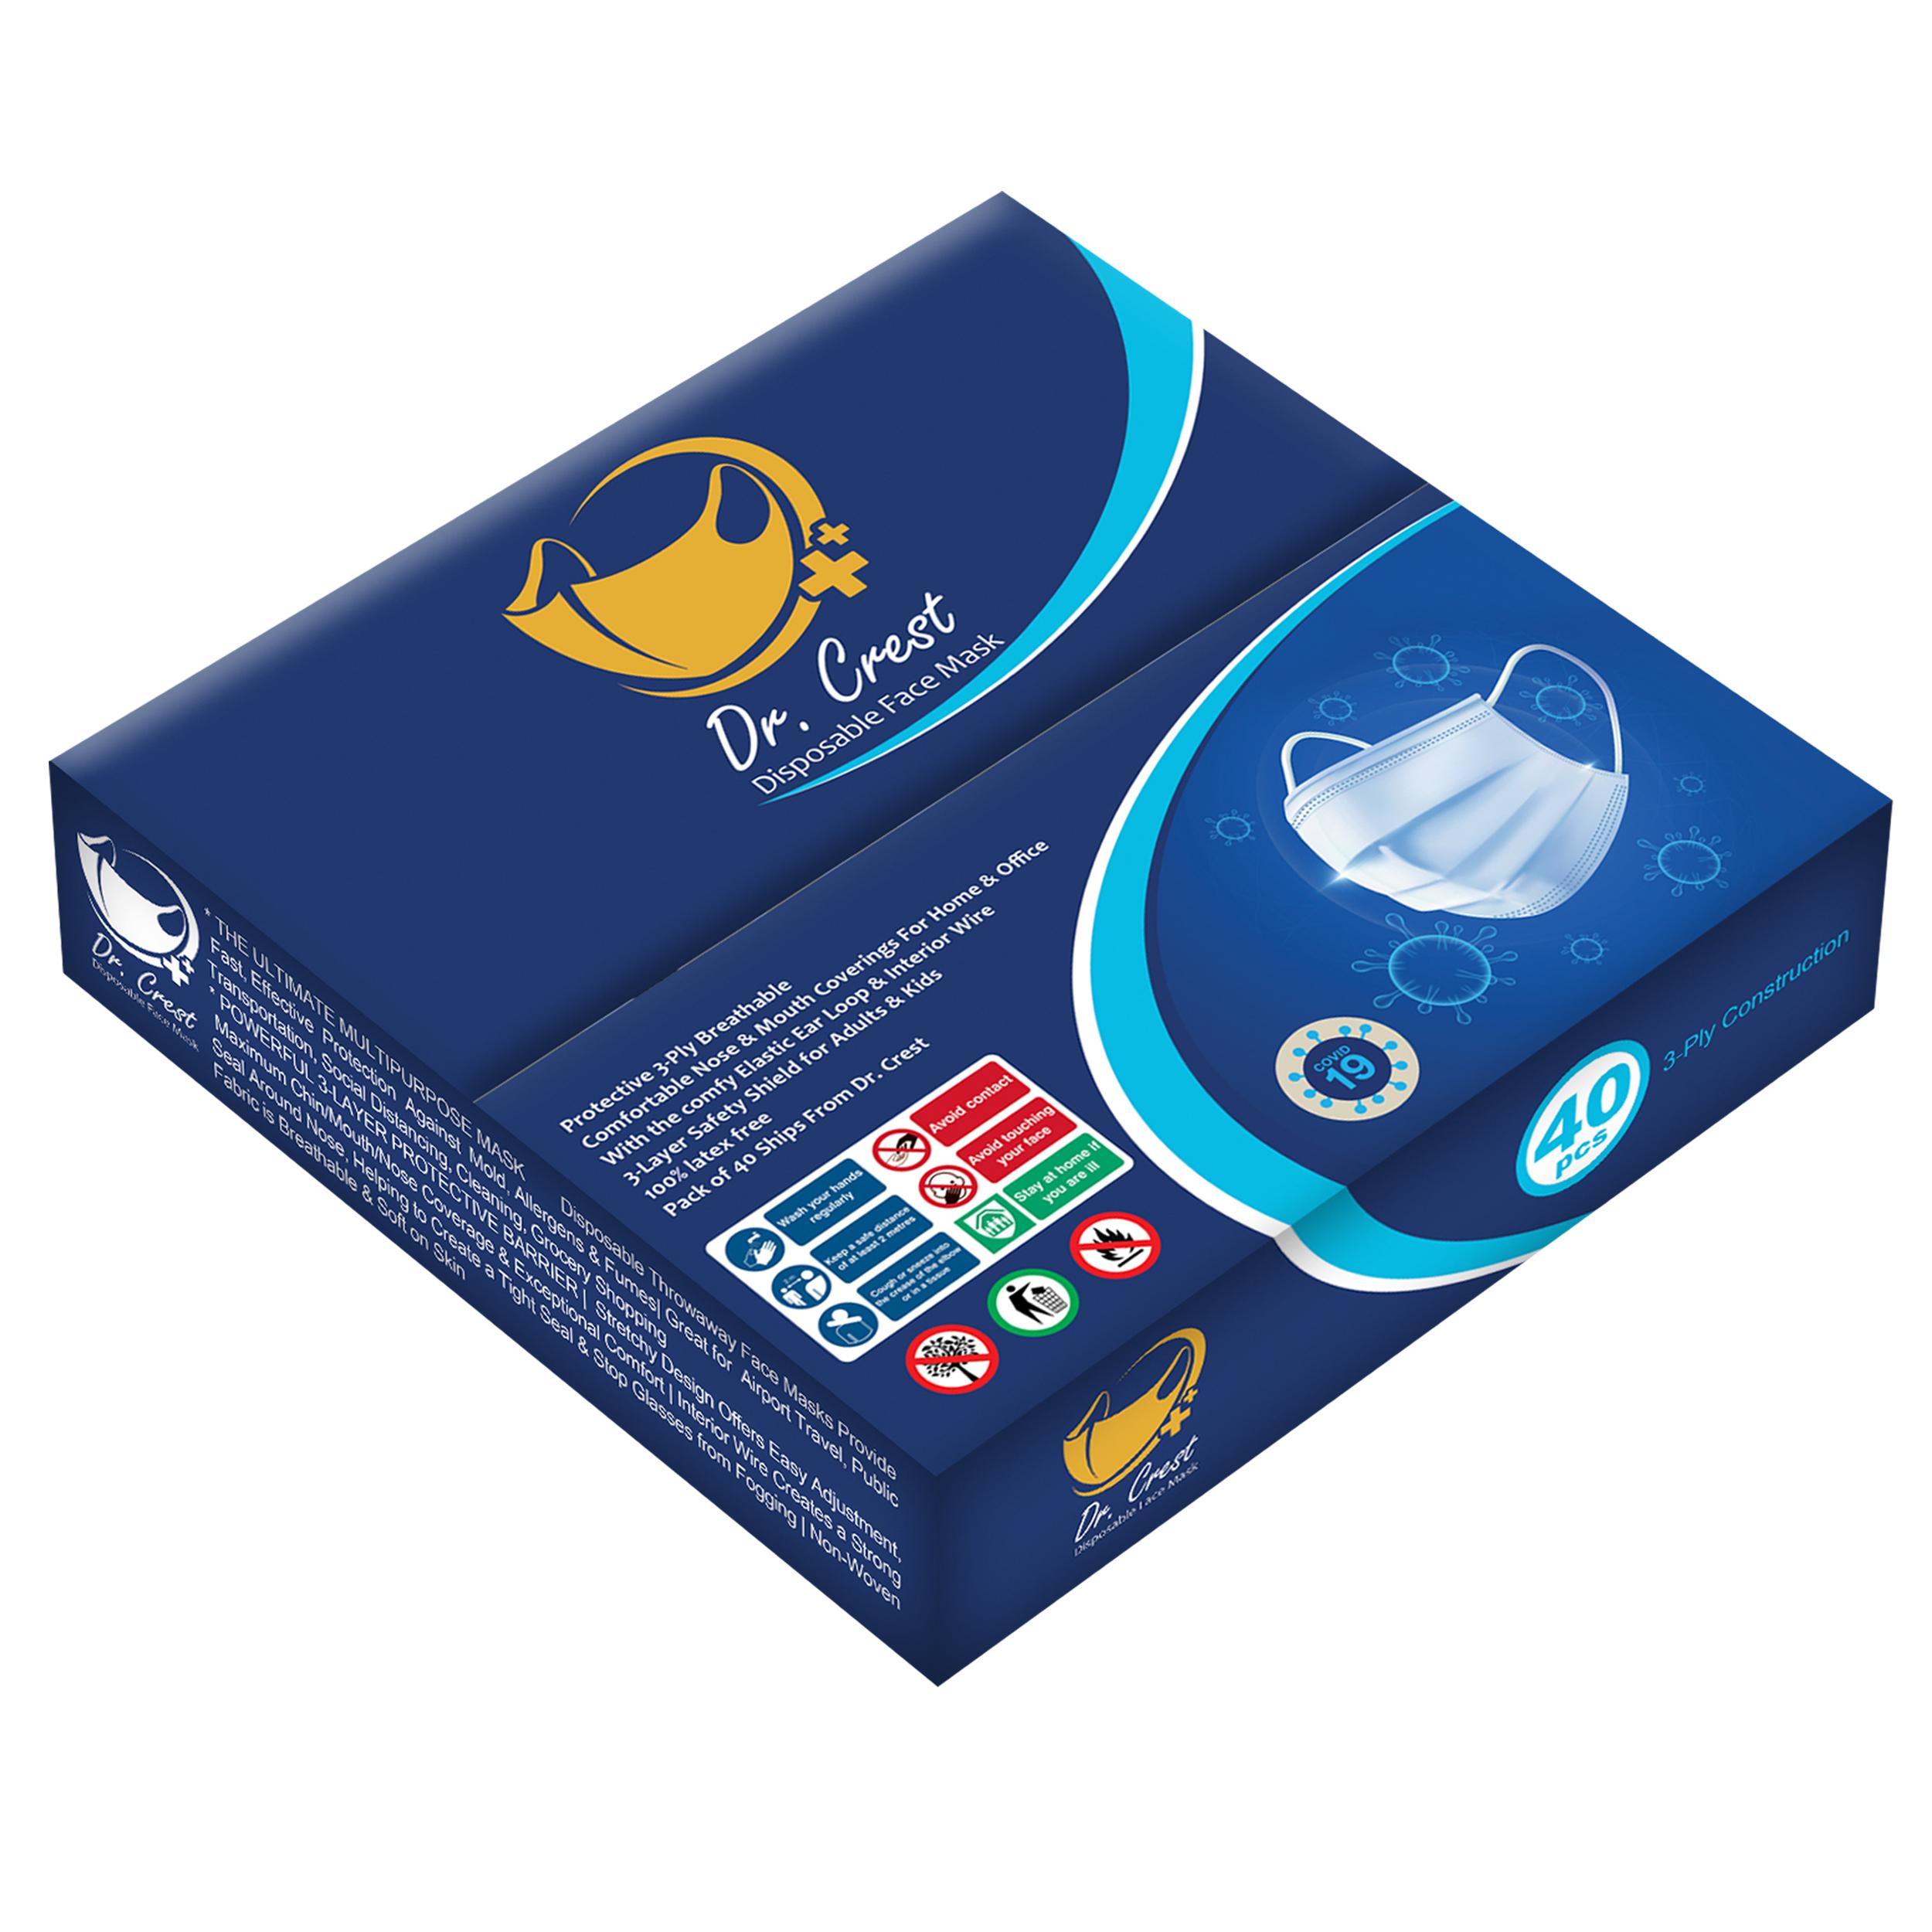 ماسک تنفسی دکتر کرست مدل Dr-G40 بسته 160 عددی ( 4 جعبه 40 عددی )